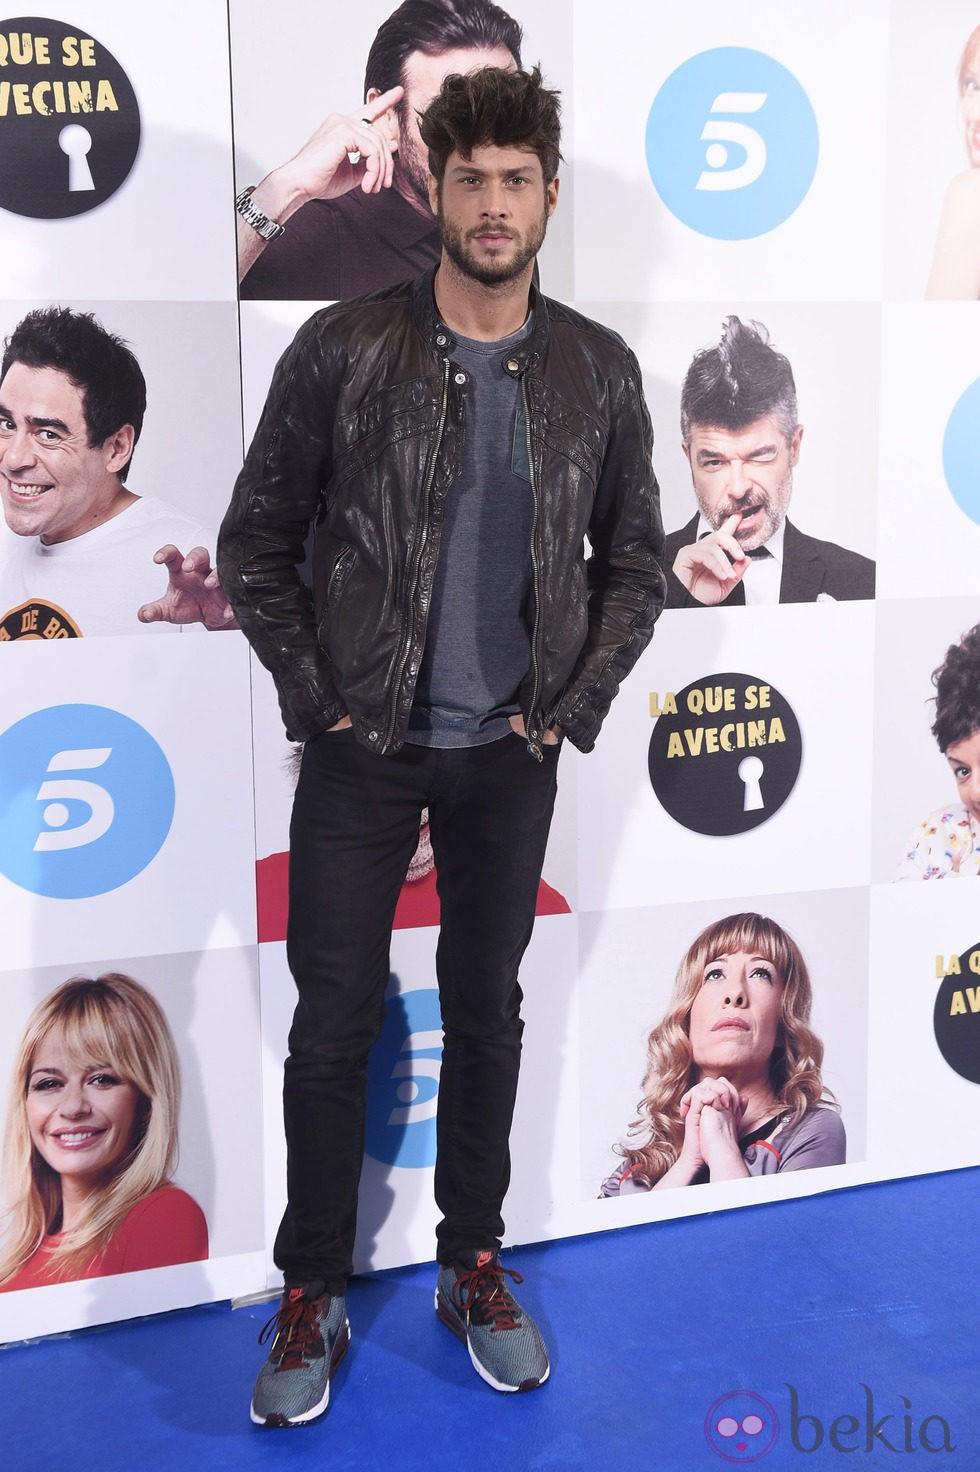 José Lamuño en el estreno de la octava temporada de 'La que se avecina'